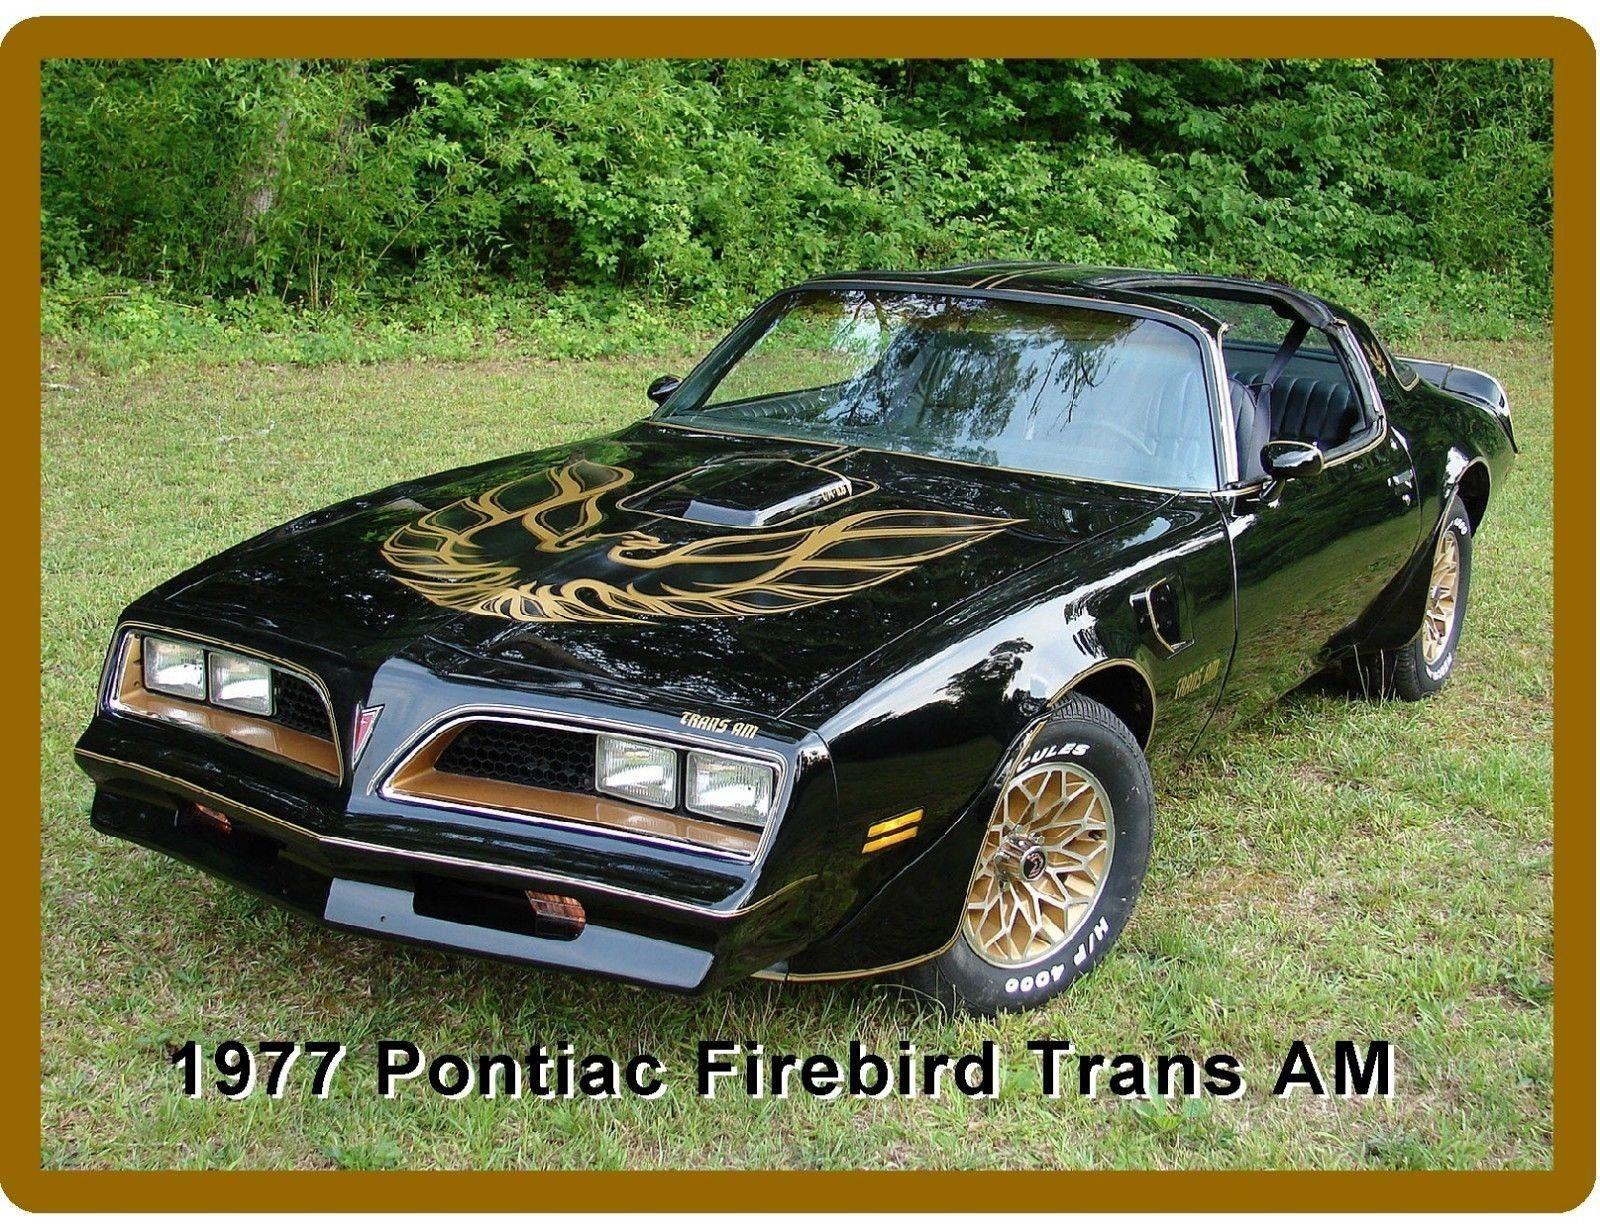 2021 Pontiac Firebird Trans Am Price and Review